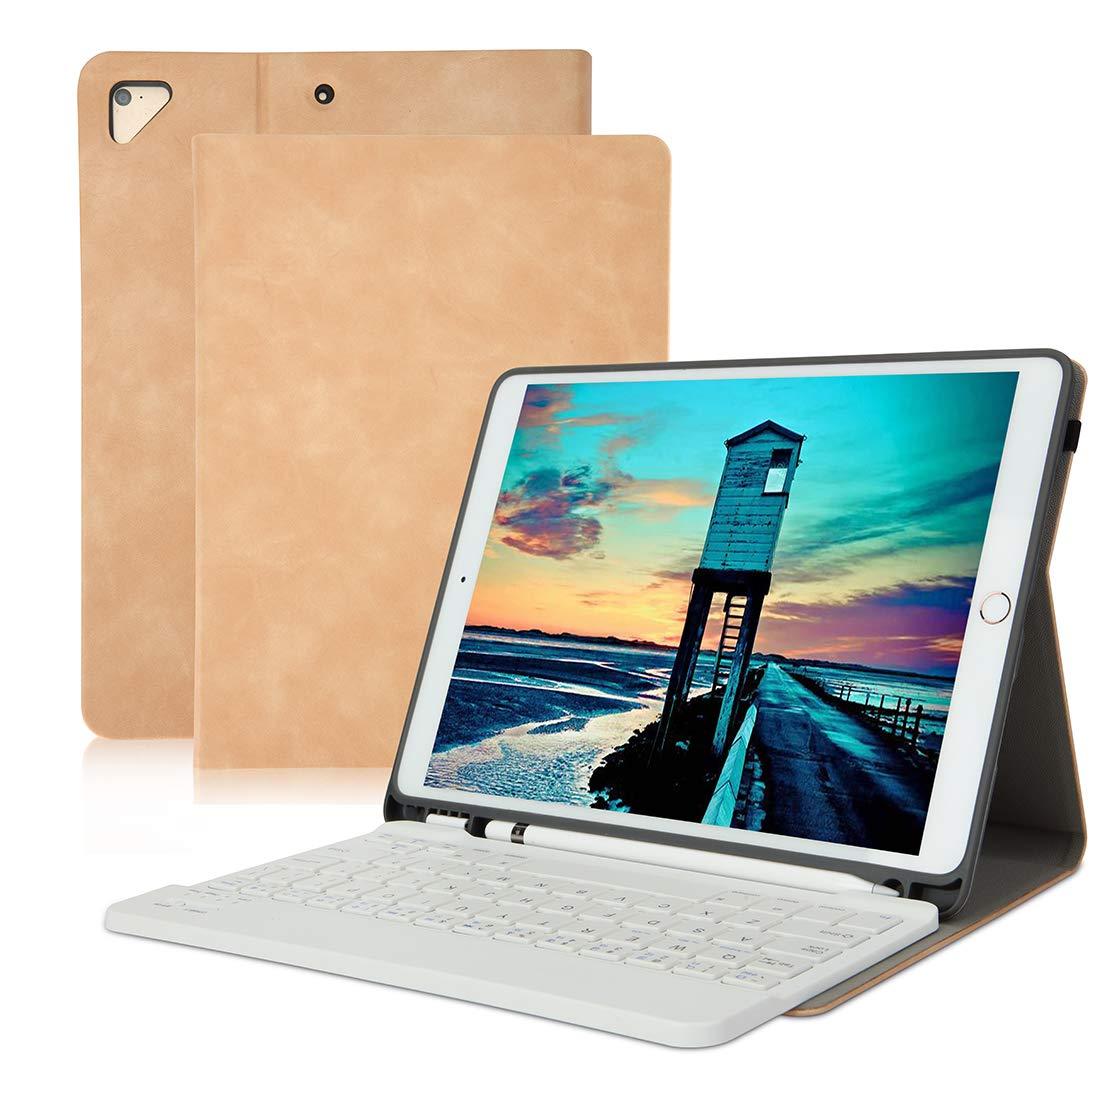 数量は多 iPad キーボードケース B07NLXW2T1 9.7 iPad ペンシルホルダー付き Air iPad 2018 (第6世代) iPad 2017 (第5世代) iPad Pro 9.7 iPad Air 2&1 iPad 第6世代 取り外し可能ワイヤレスBluetoothキーボードケース 自動ウェイク/スリープ(ヌード) B07NLXW2T1, トヨヤマチョウ:d001dd3e --- senas.4x4.lt